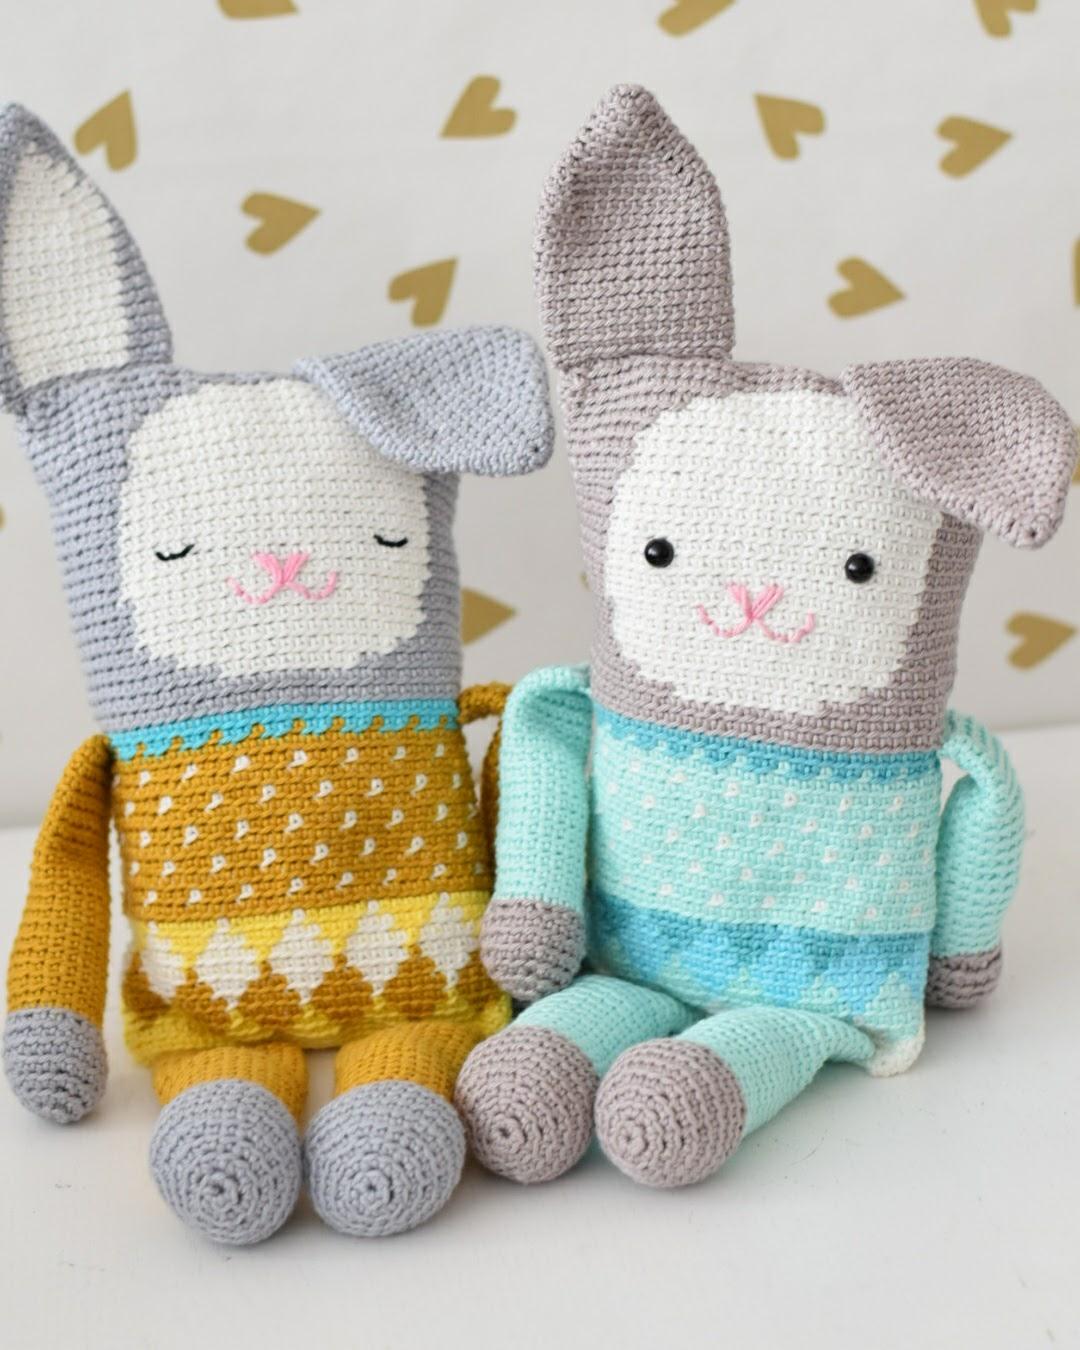 Madebyleen Blog Over Haken Crochet Blog De Cover Van